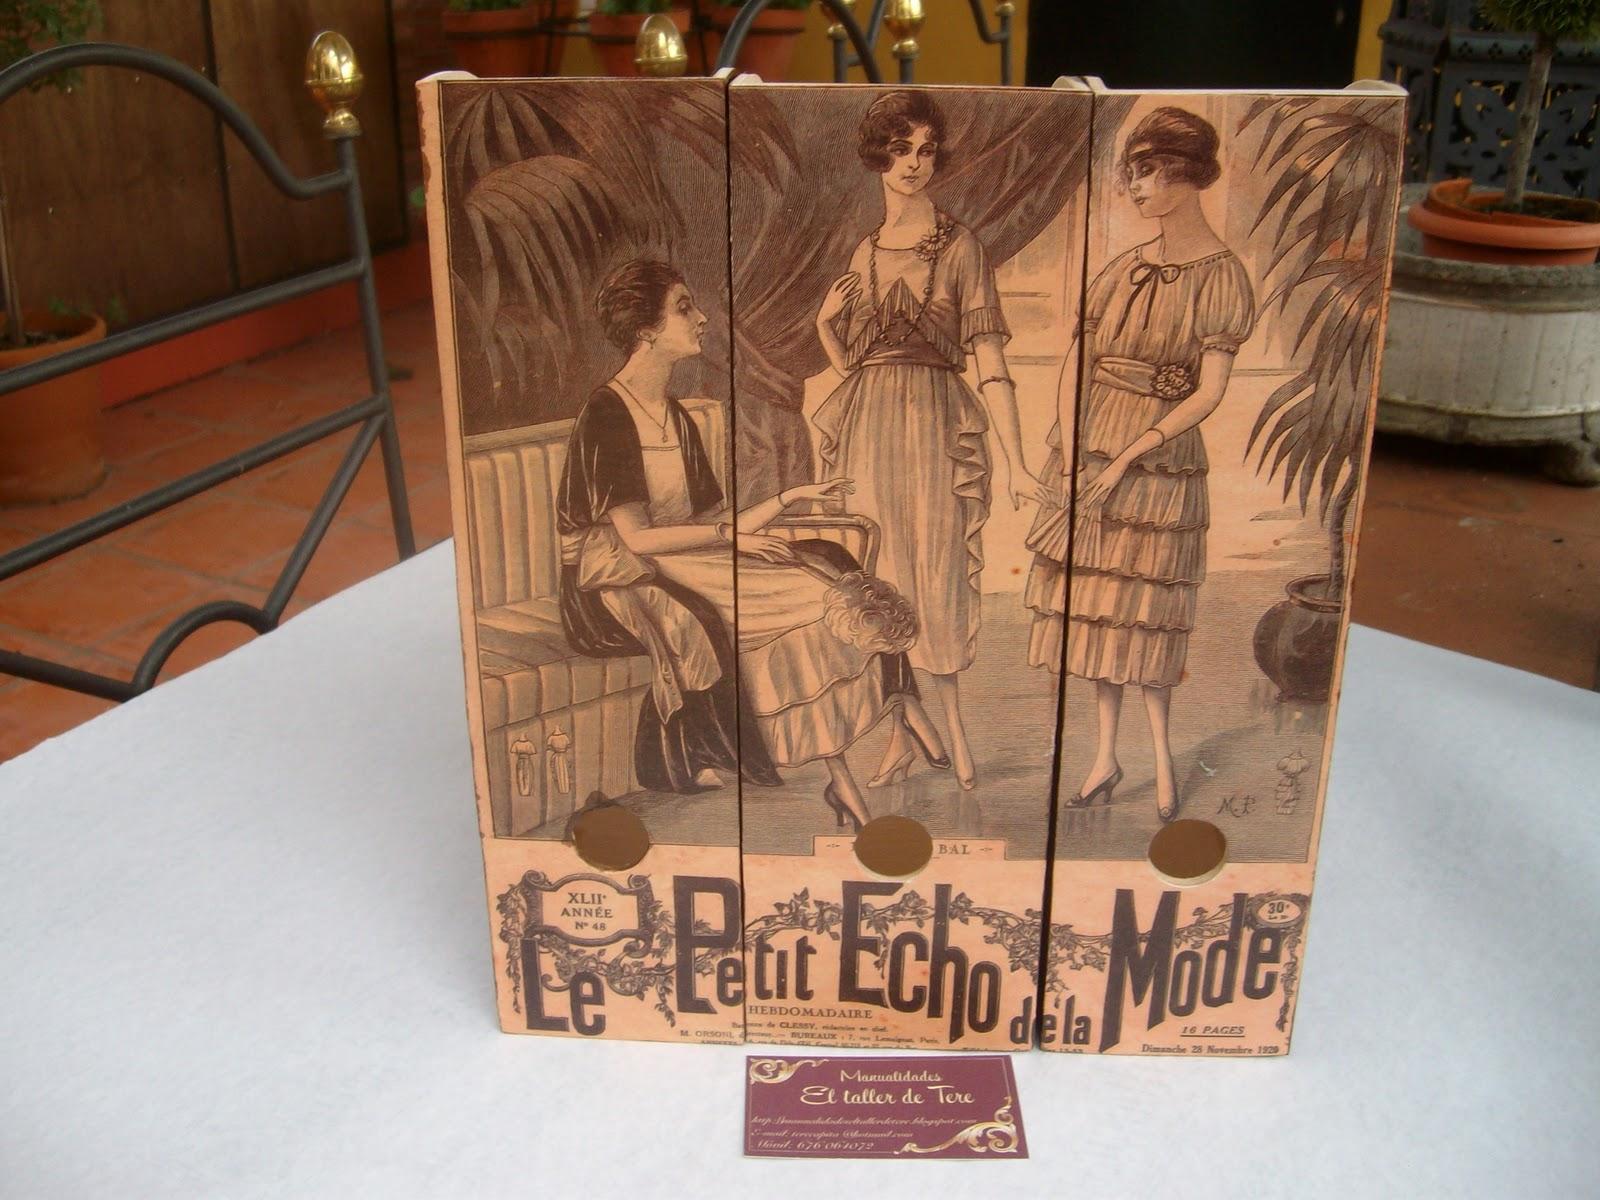 Manualidades el taller de tere archivadores de madera - Archivadores de madera ...